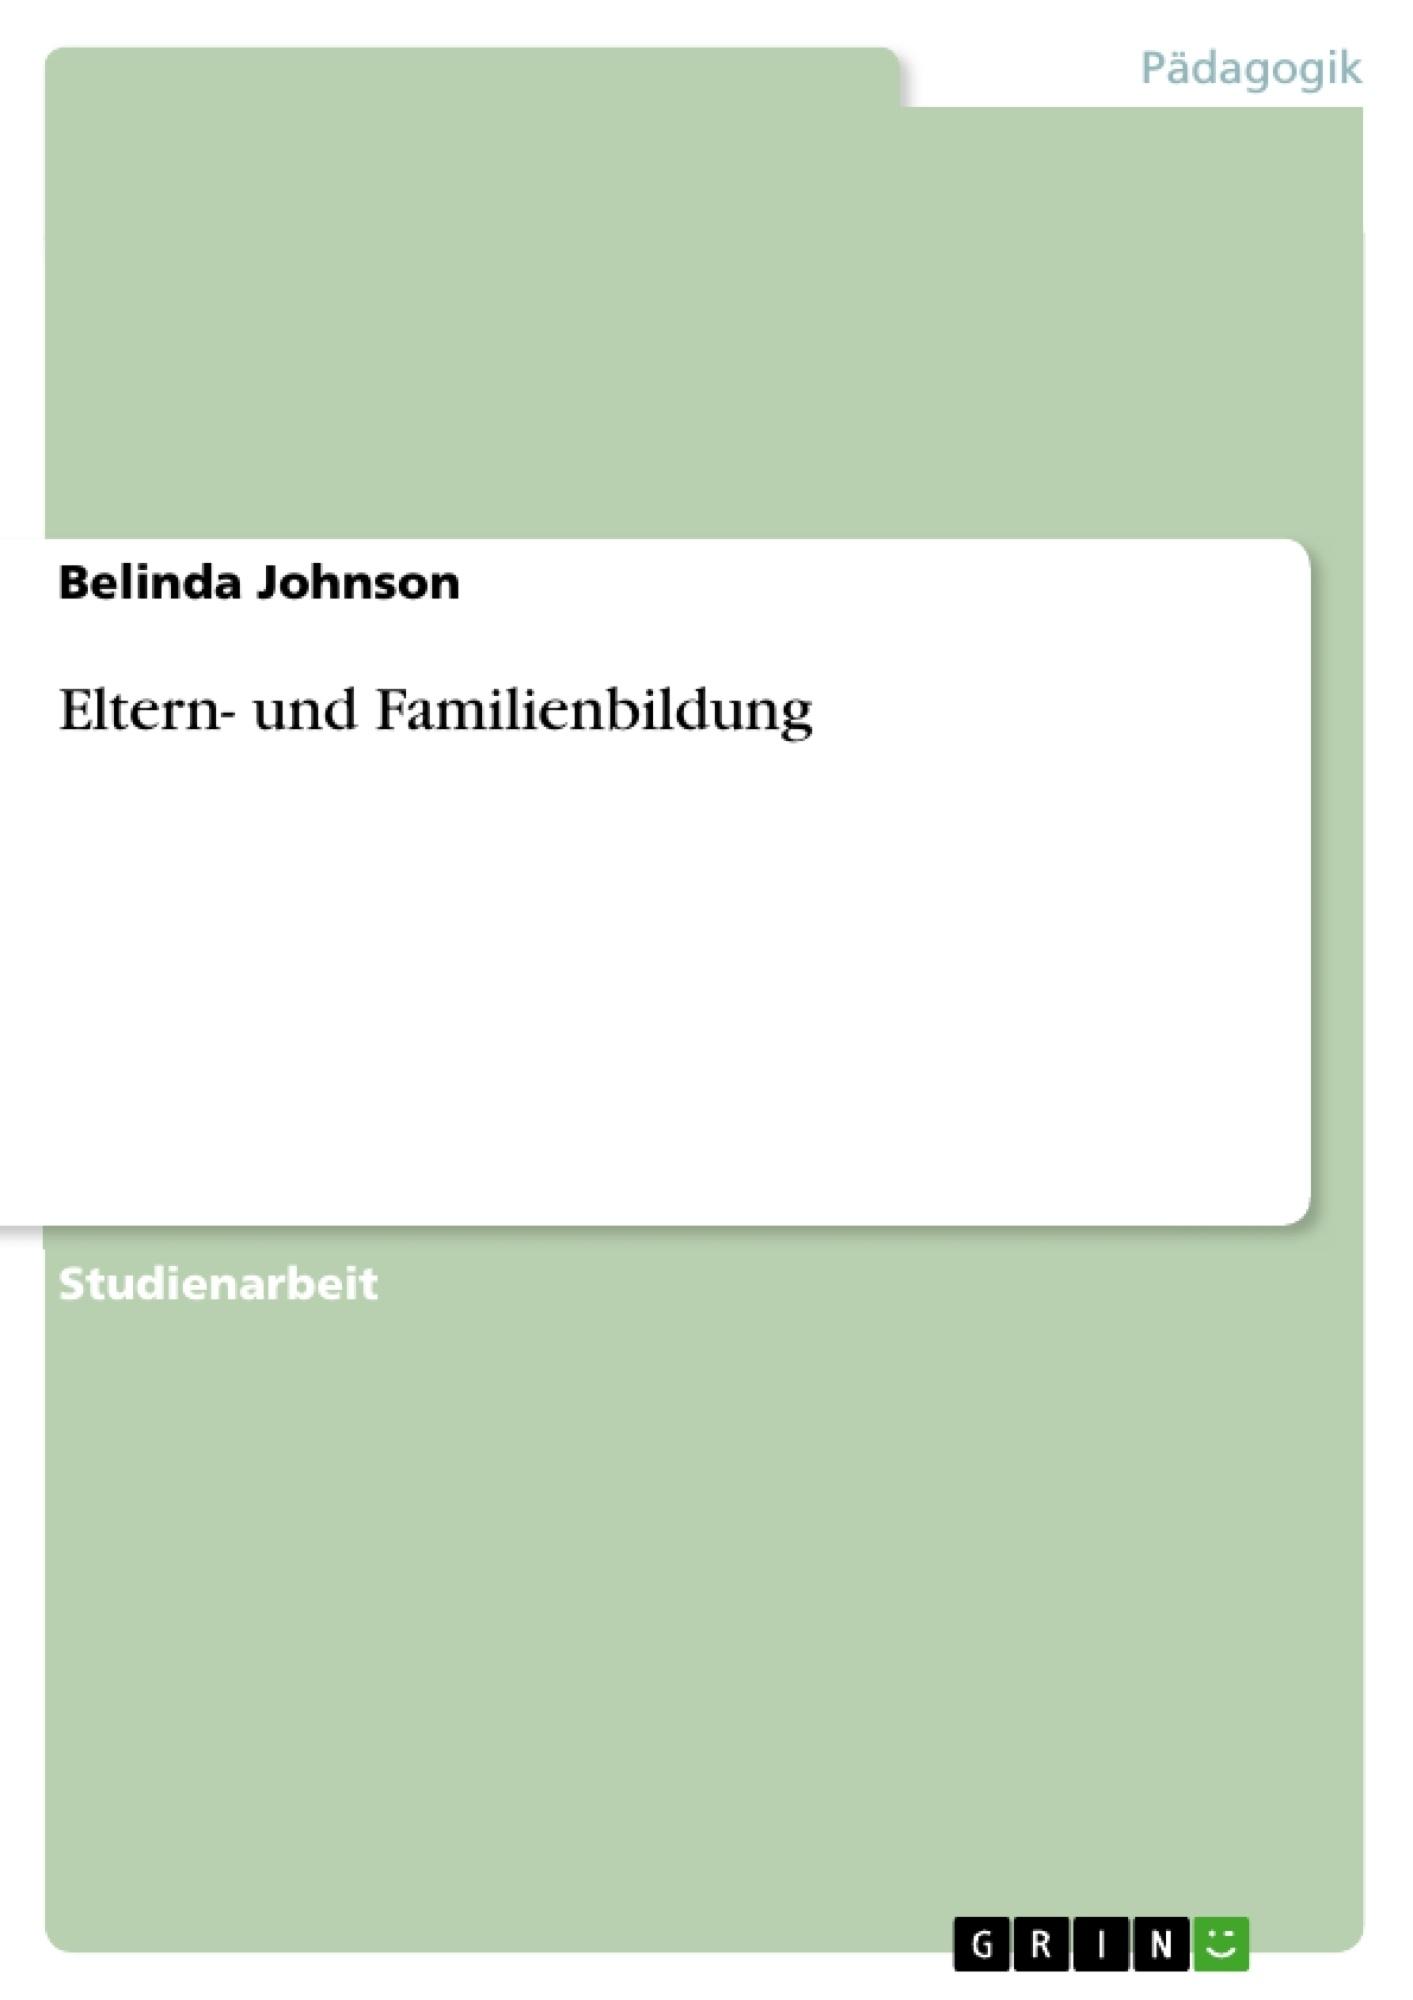 Titel: Eltern- und Familienbildung